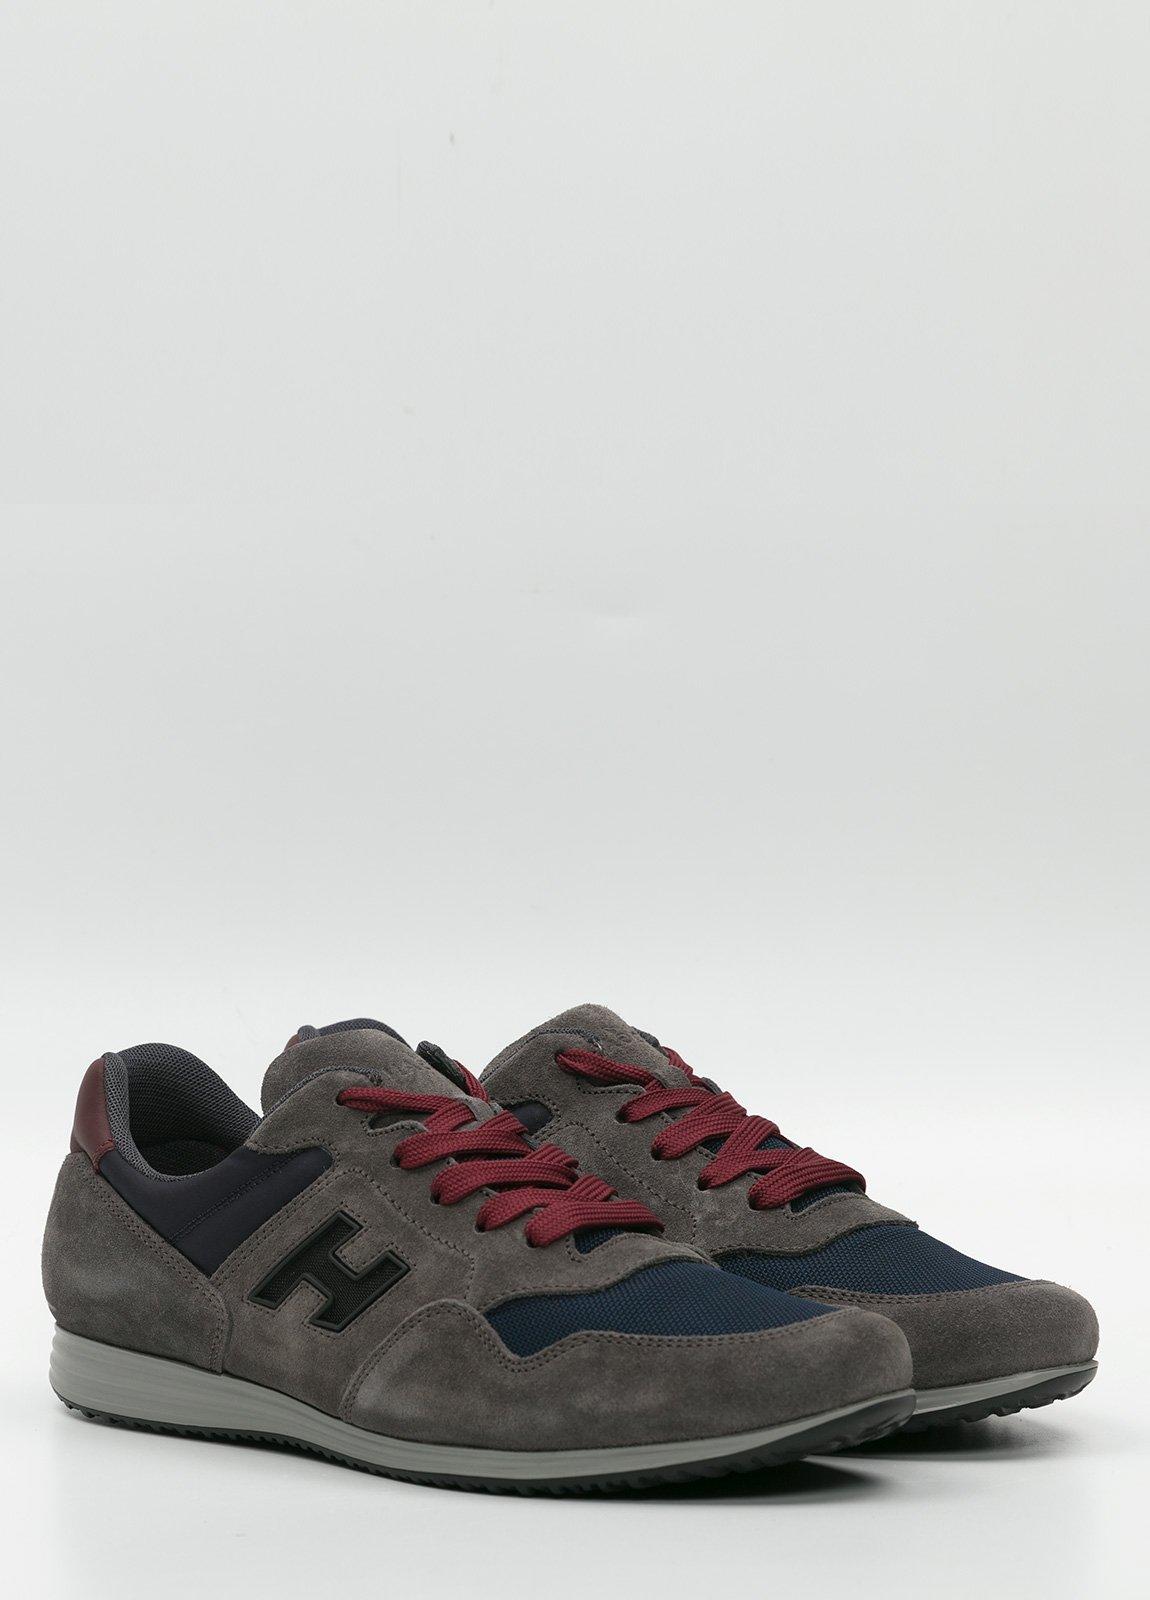 Calzado sport color gris y azul. Combinación de piel, ante y tejido técnico - Ítem3